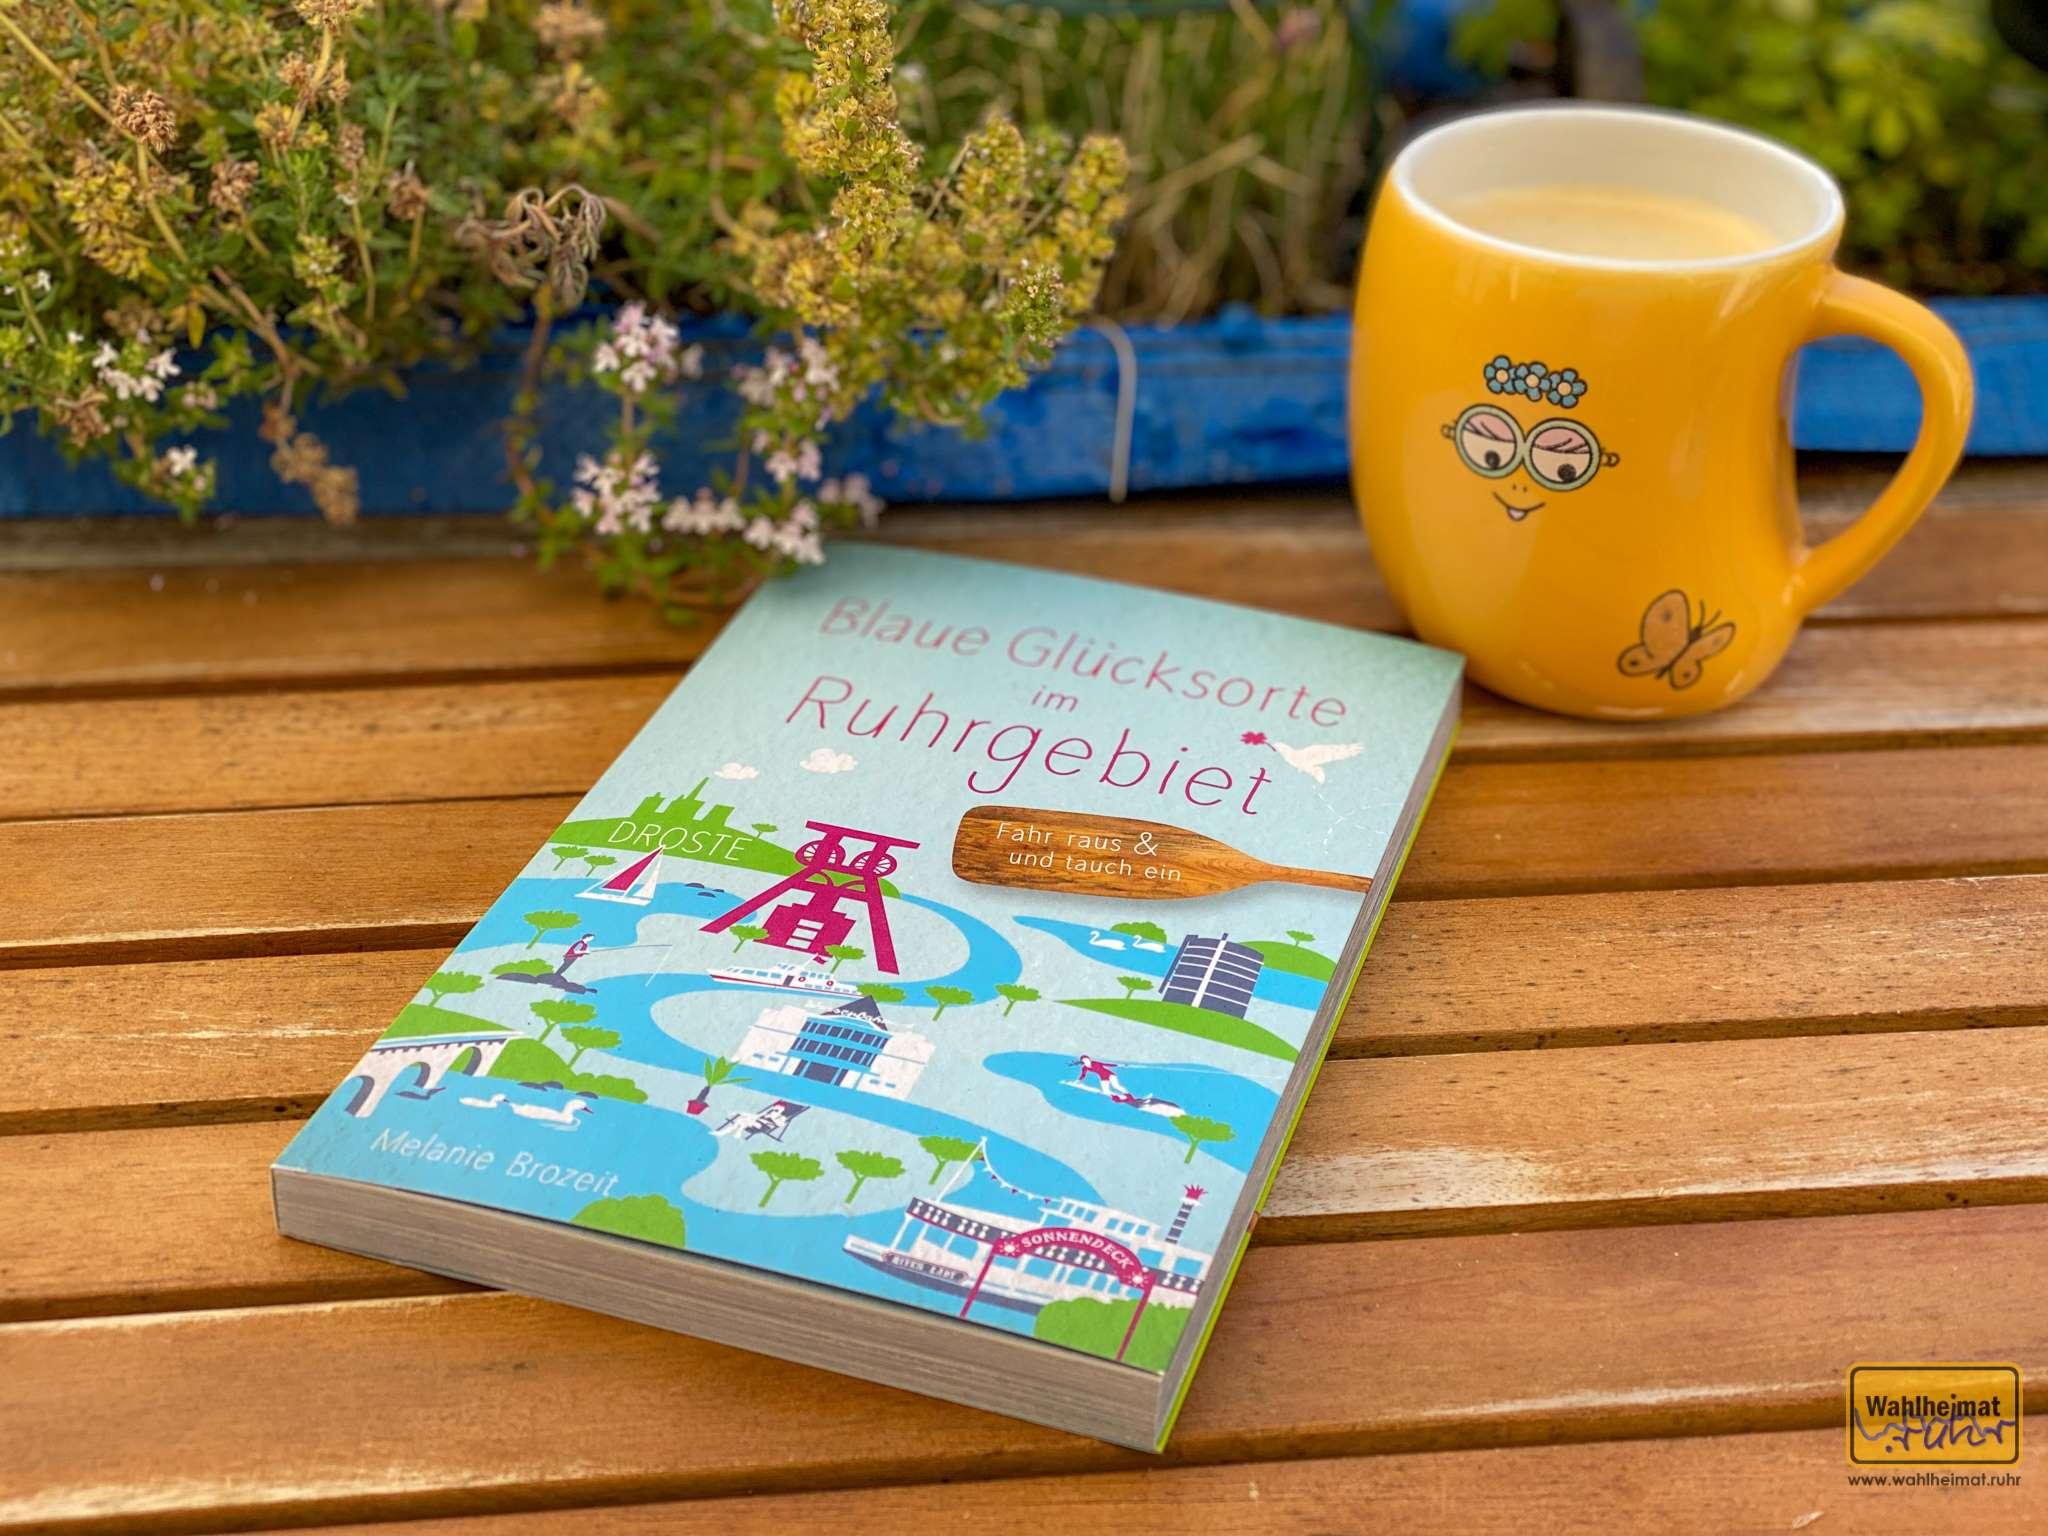 Blaue Glücksorte im Ruhrgebiet - das Buch.